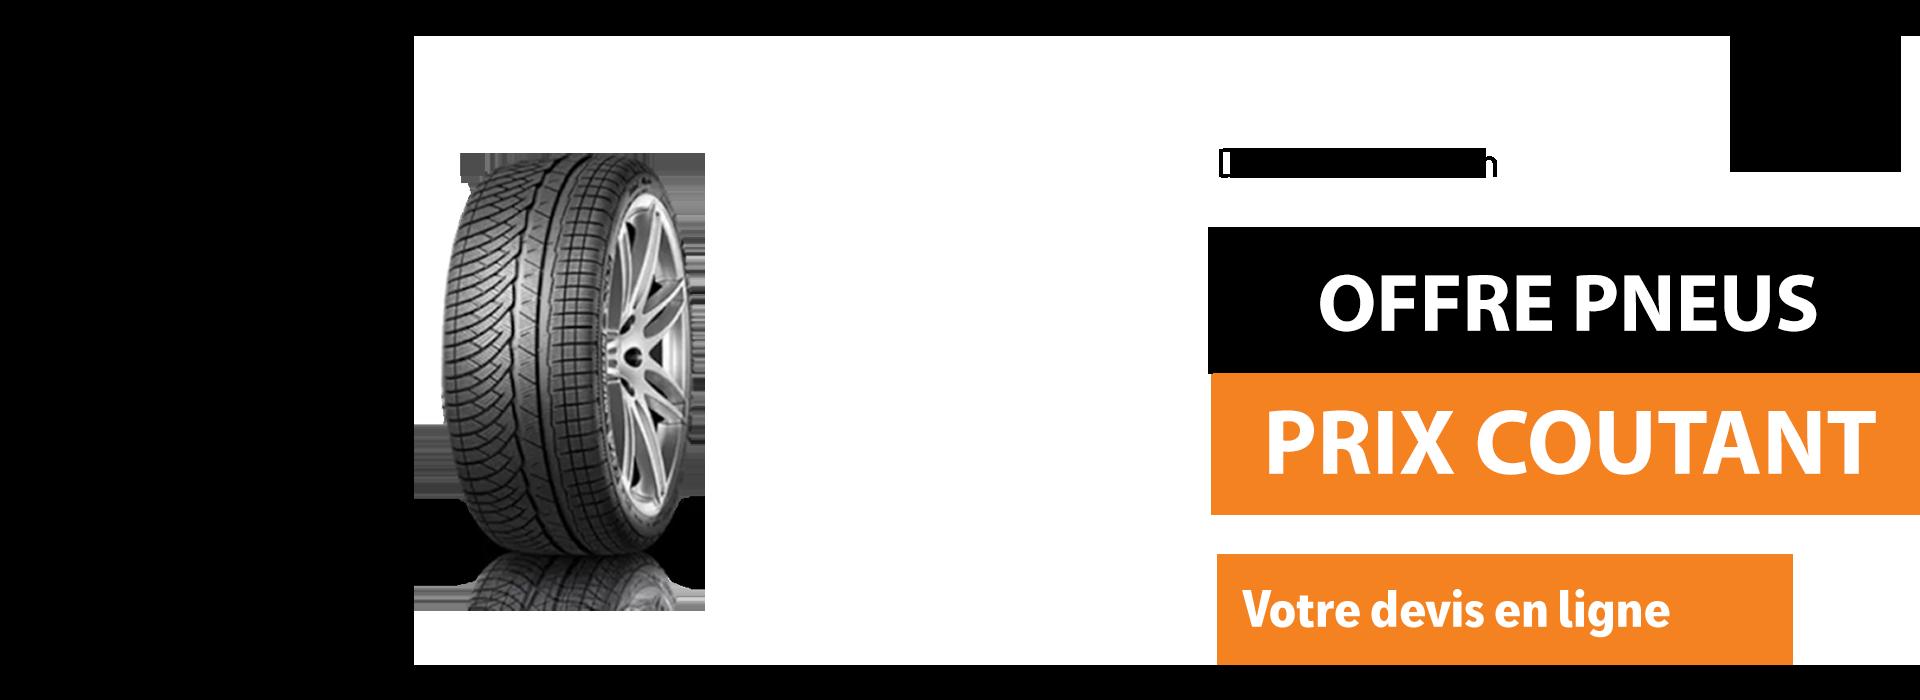 Bannière pneus prix coutant Seat laval